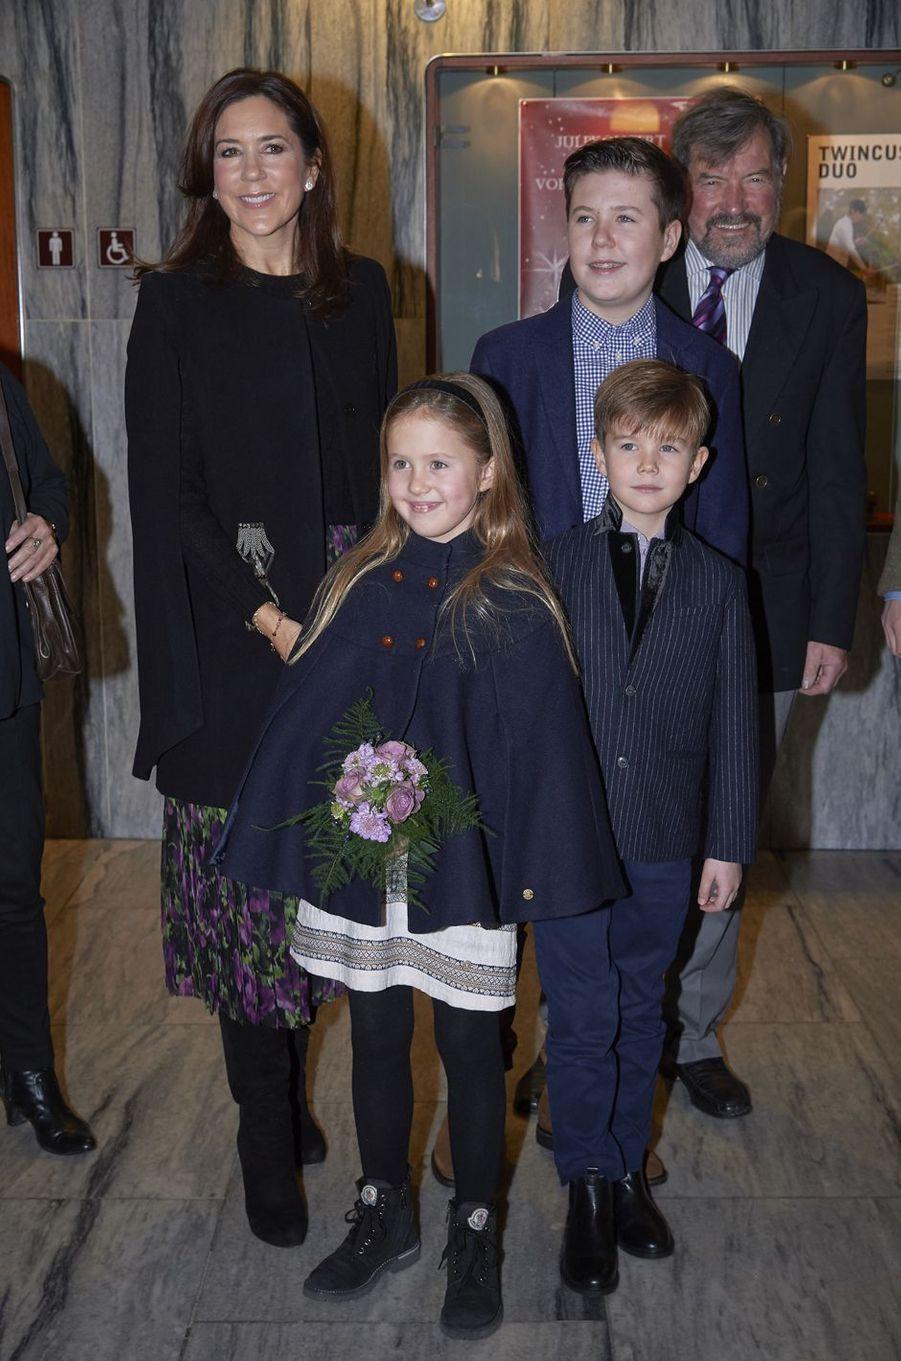 La princesse Mary de Danemark avec la princesse Joséphine, les princes Vincent et Christian et John Donaldson à Copenhague, le 8 décembre 2018